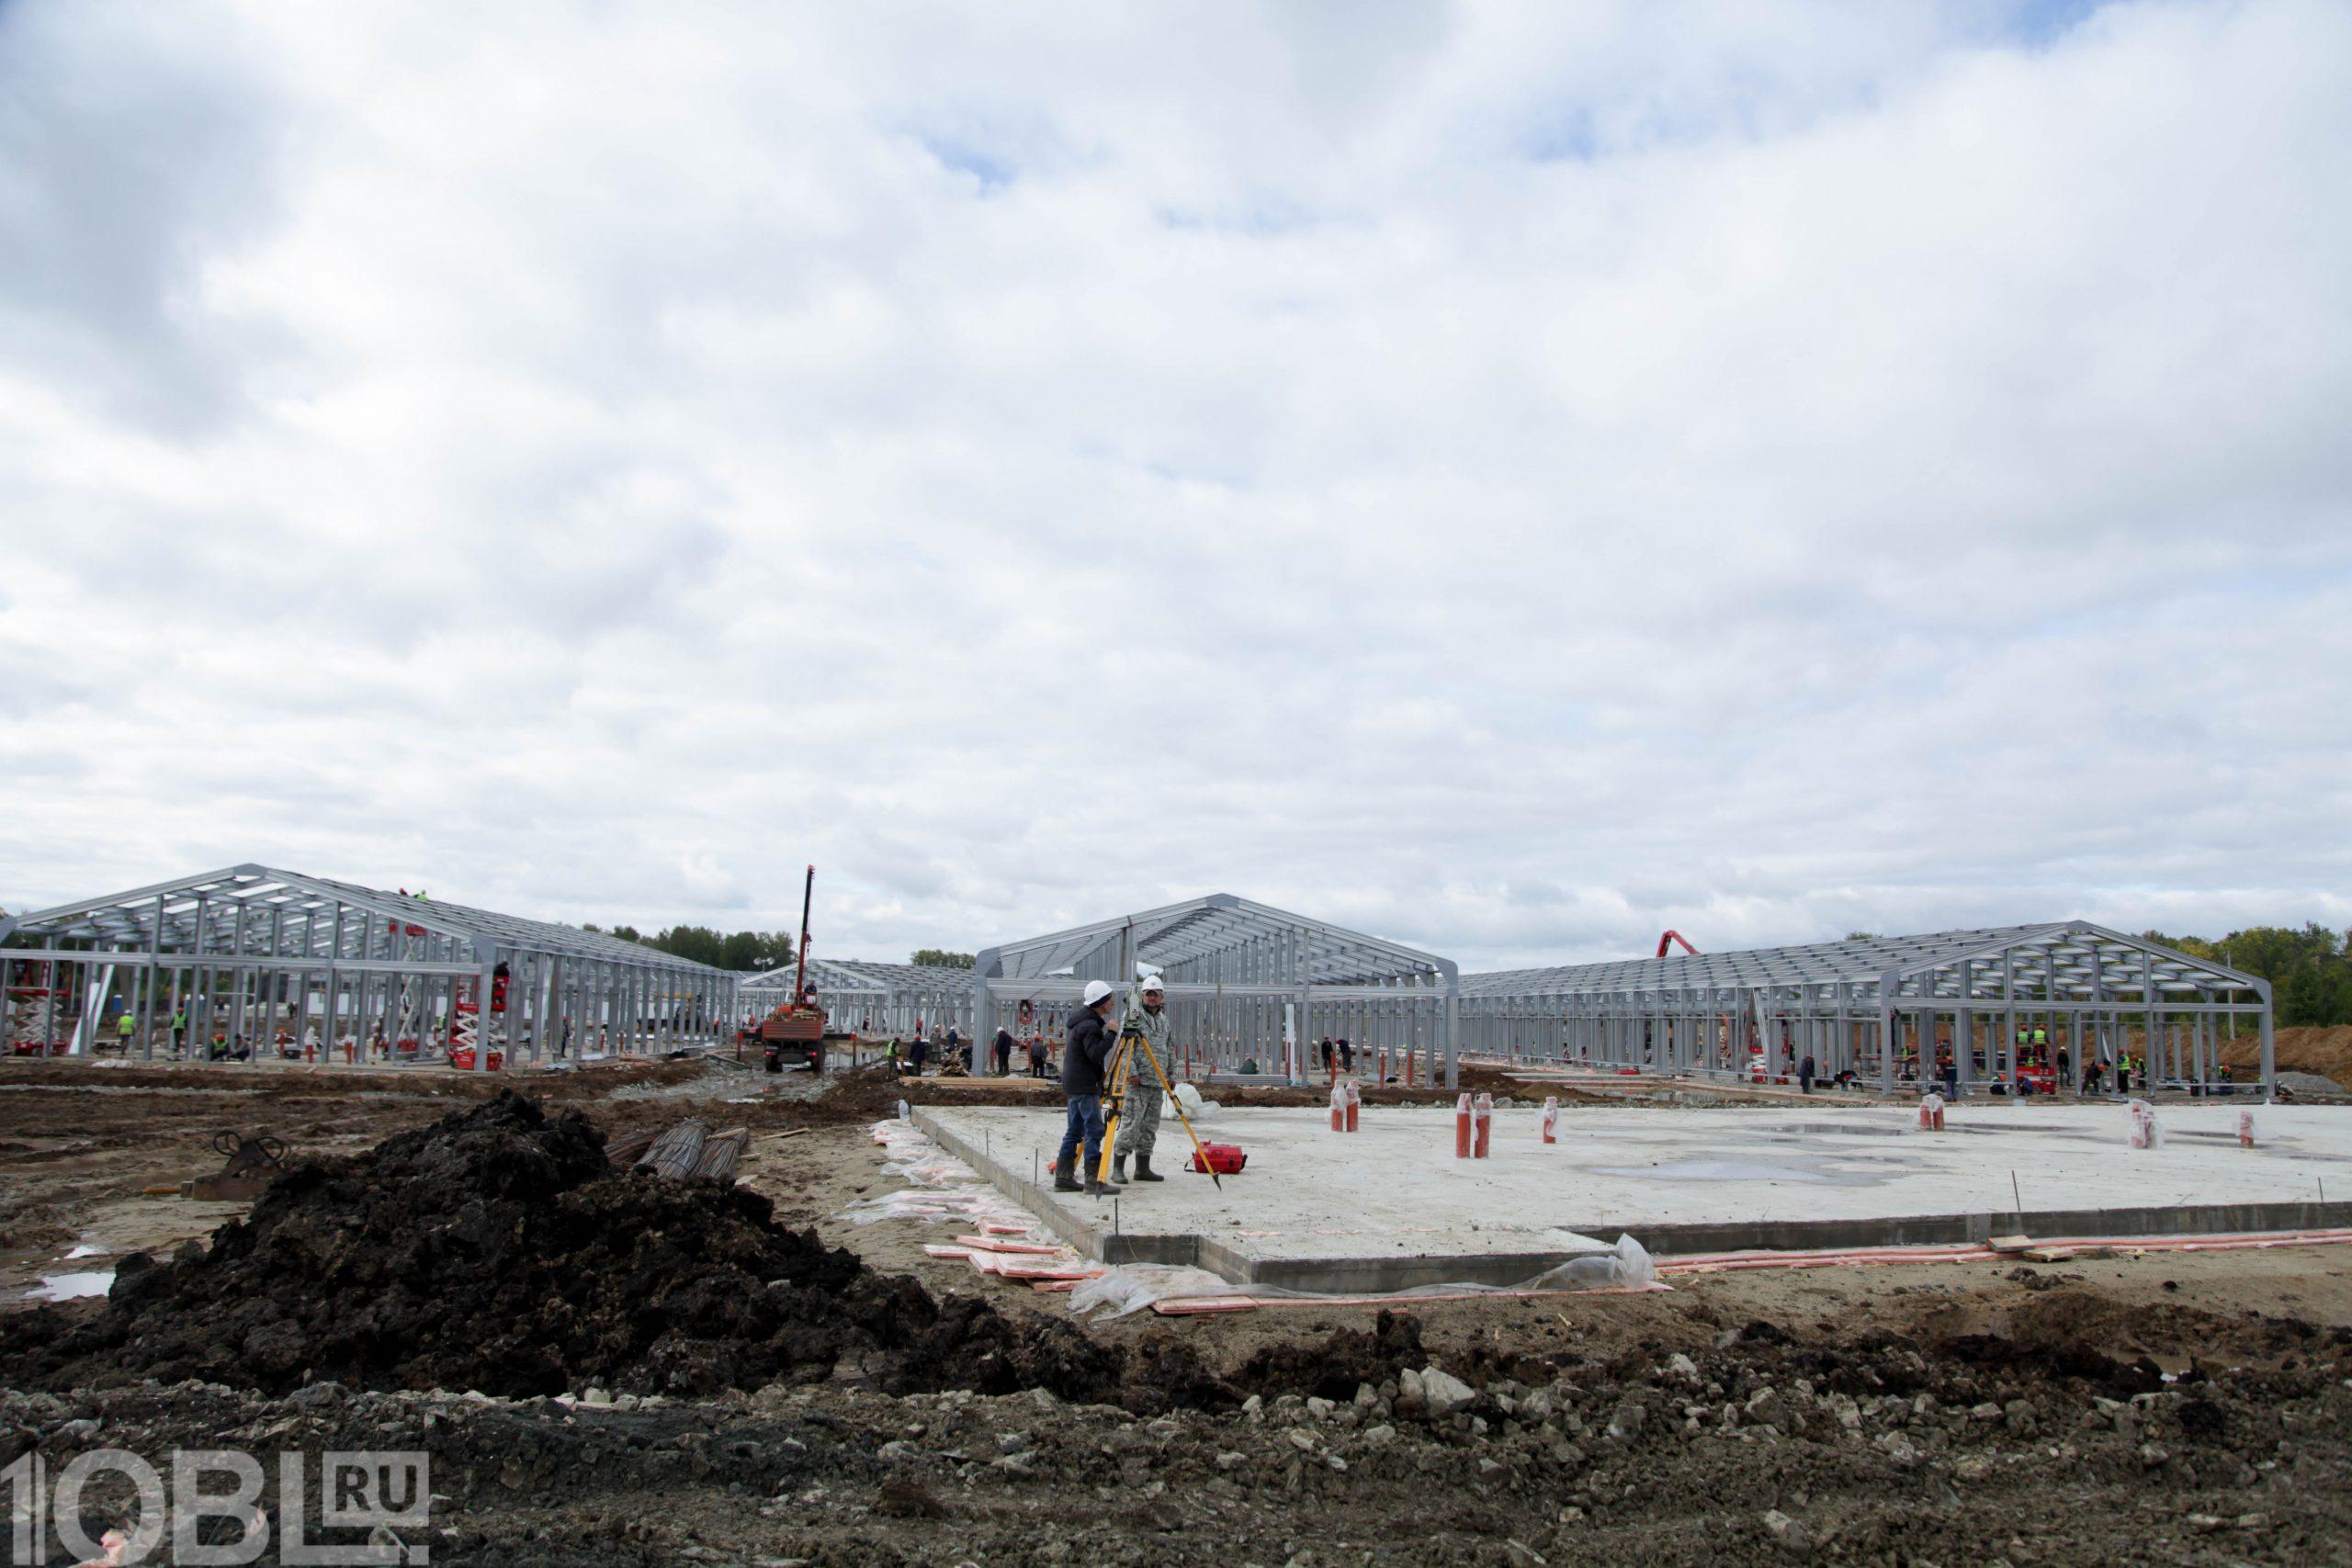 «Быстрыми шагами»: в Челябинске продолжается стройка инфекционного центра